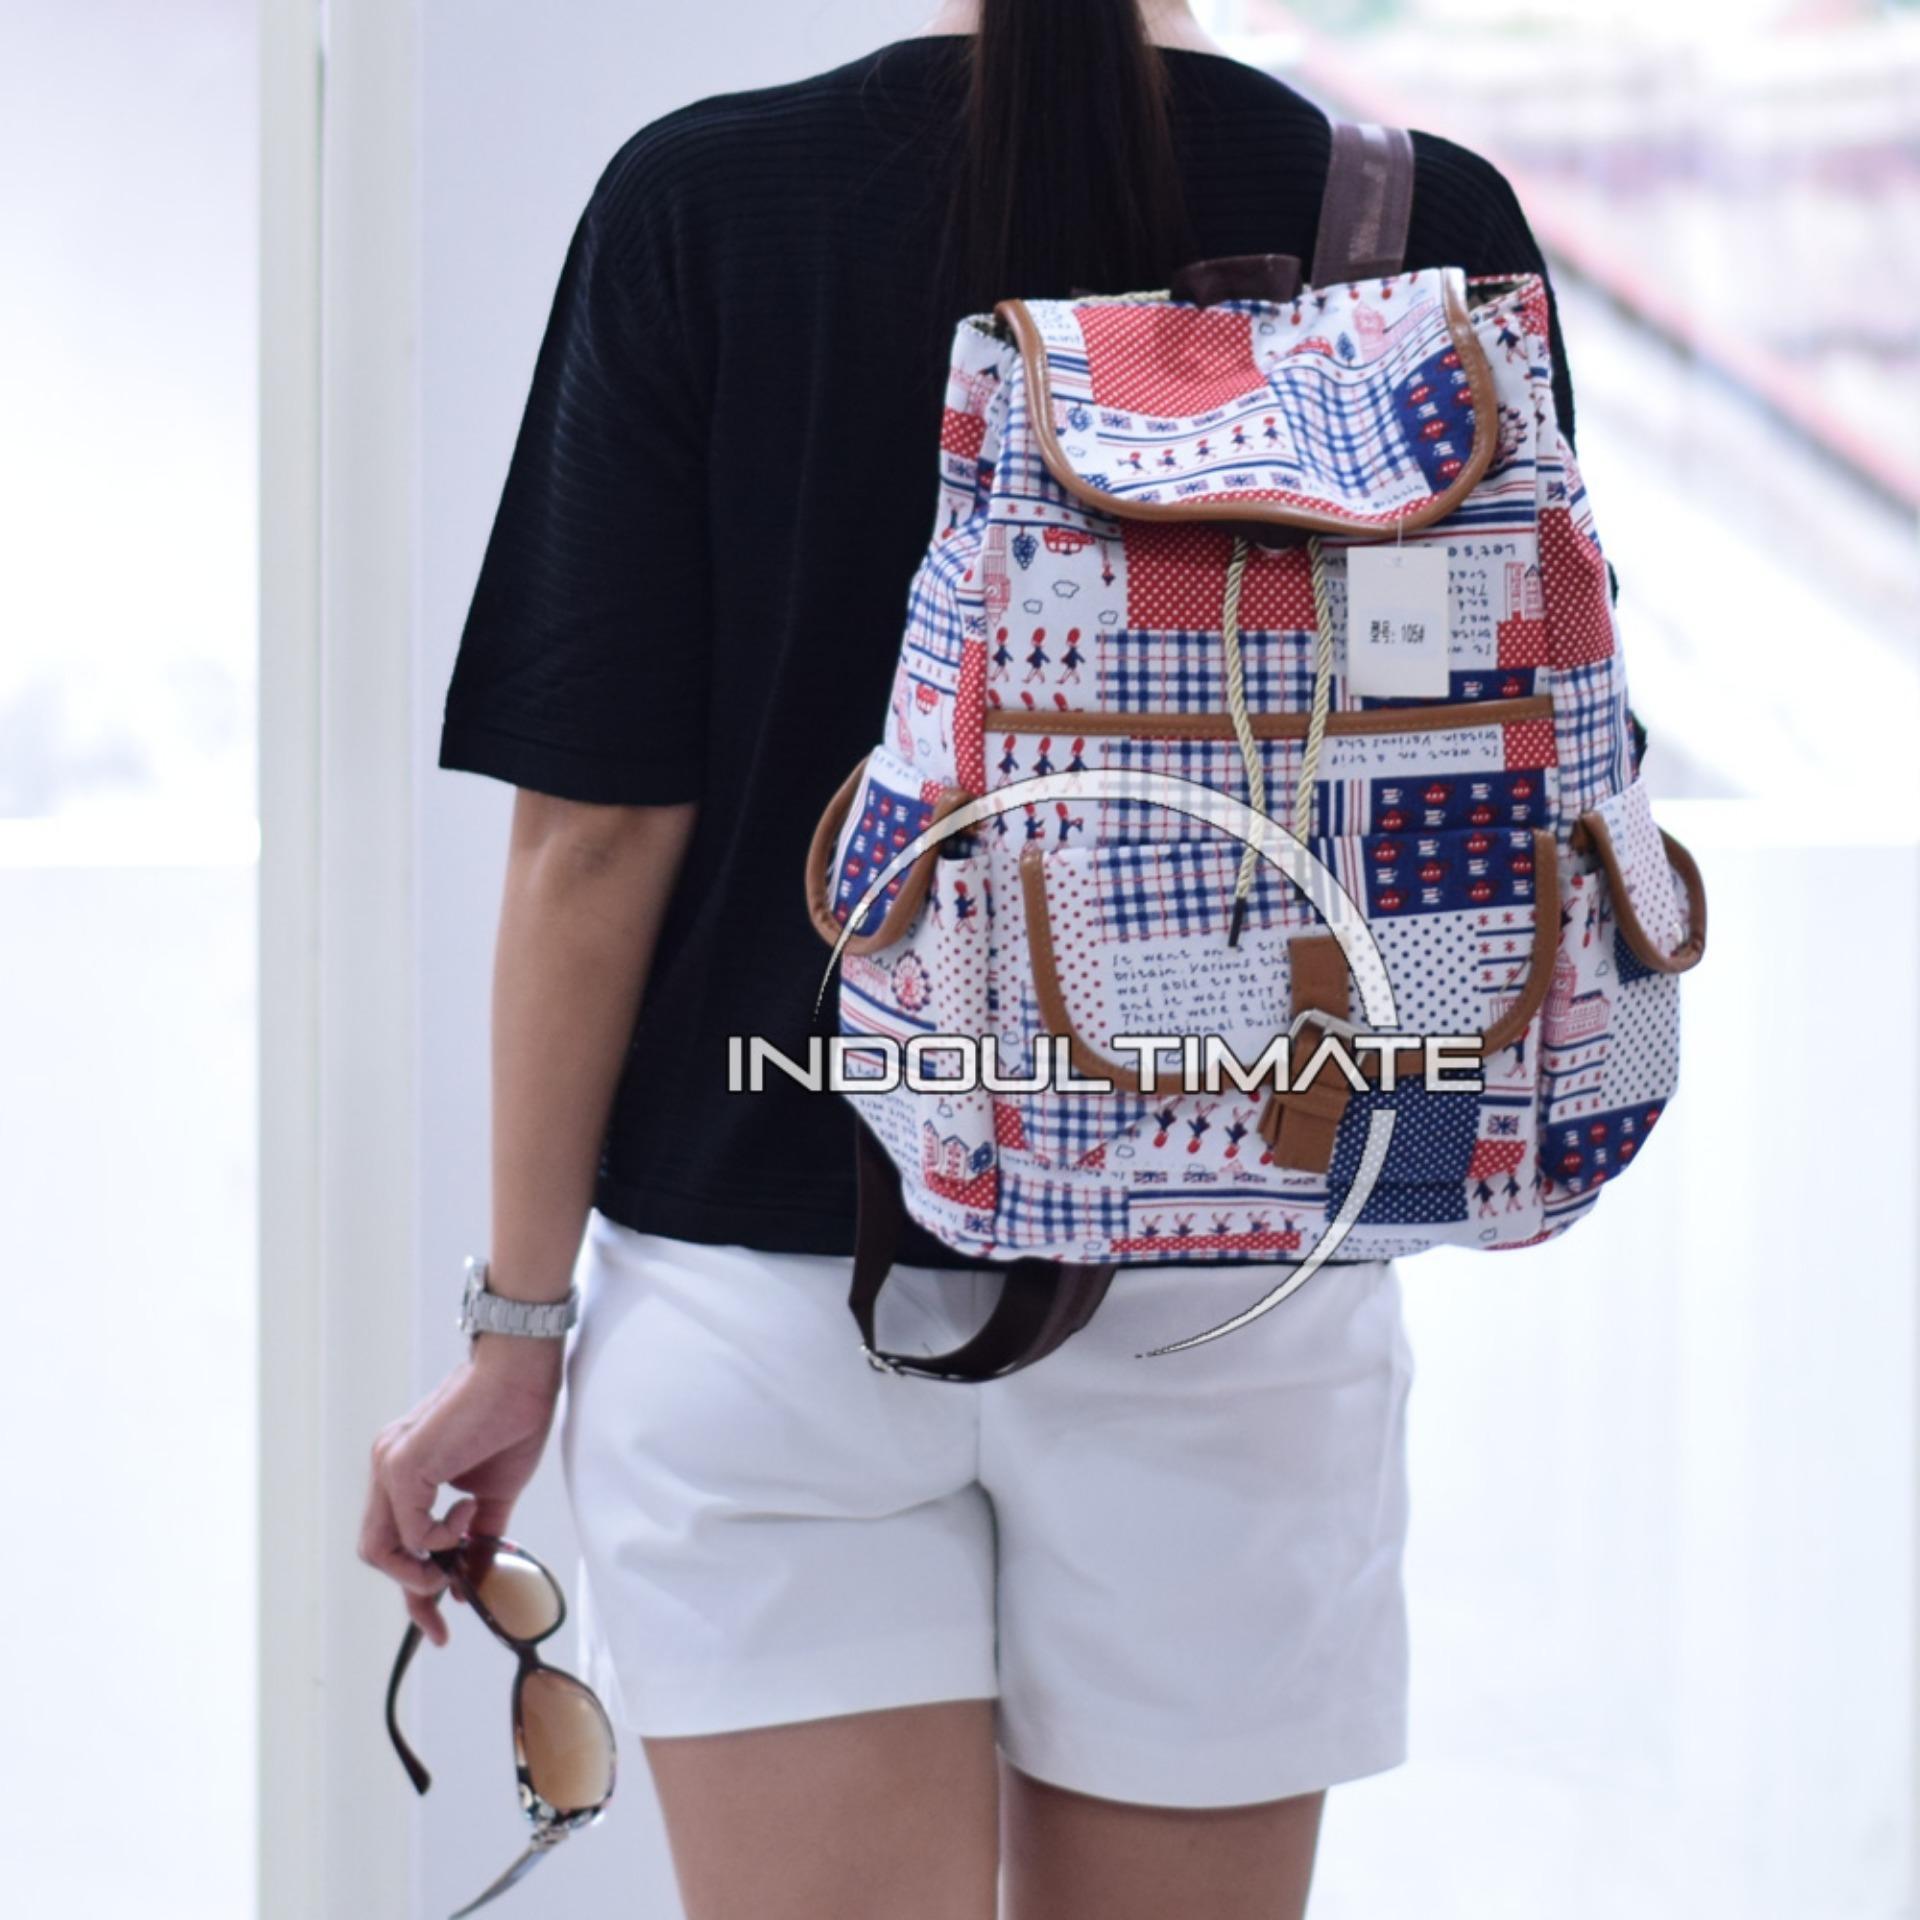 Ultimate Tas Wanita JS-105 / Backpack Anak Cewek Sekolah Remaja Korea Import  Batam Murah Branded / Tas Laptop Perempuan Cantik / Tas Sekolah Anak